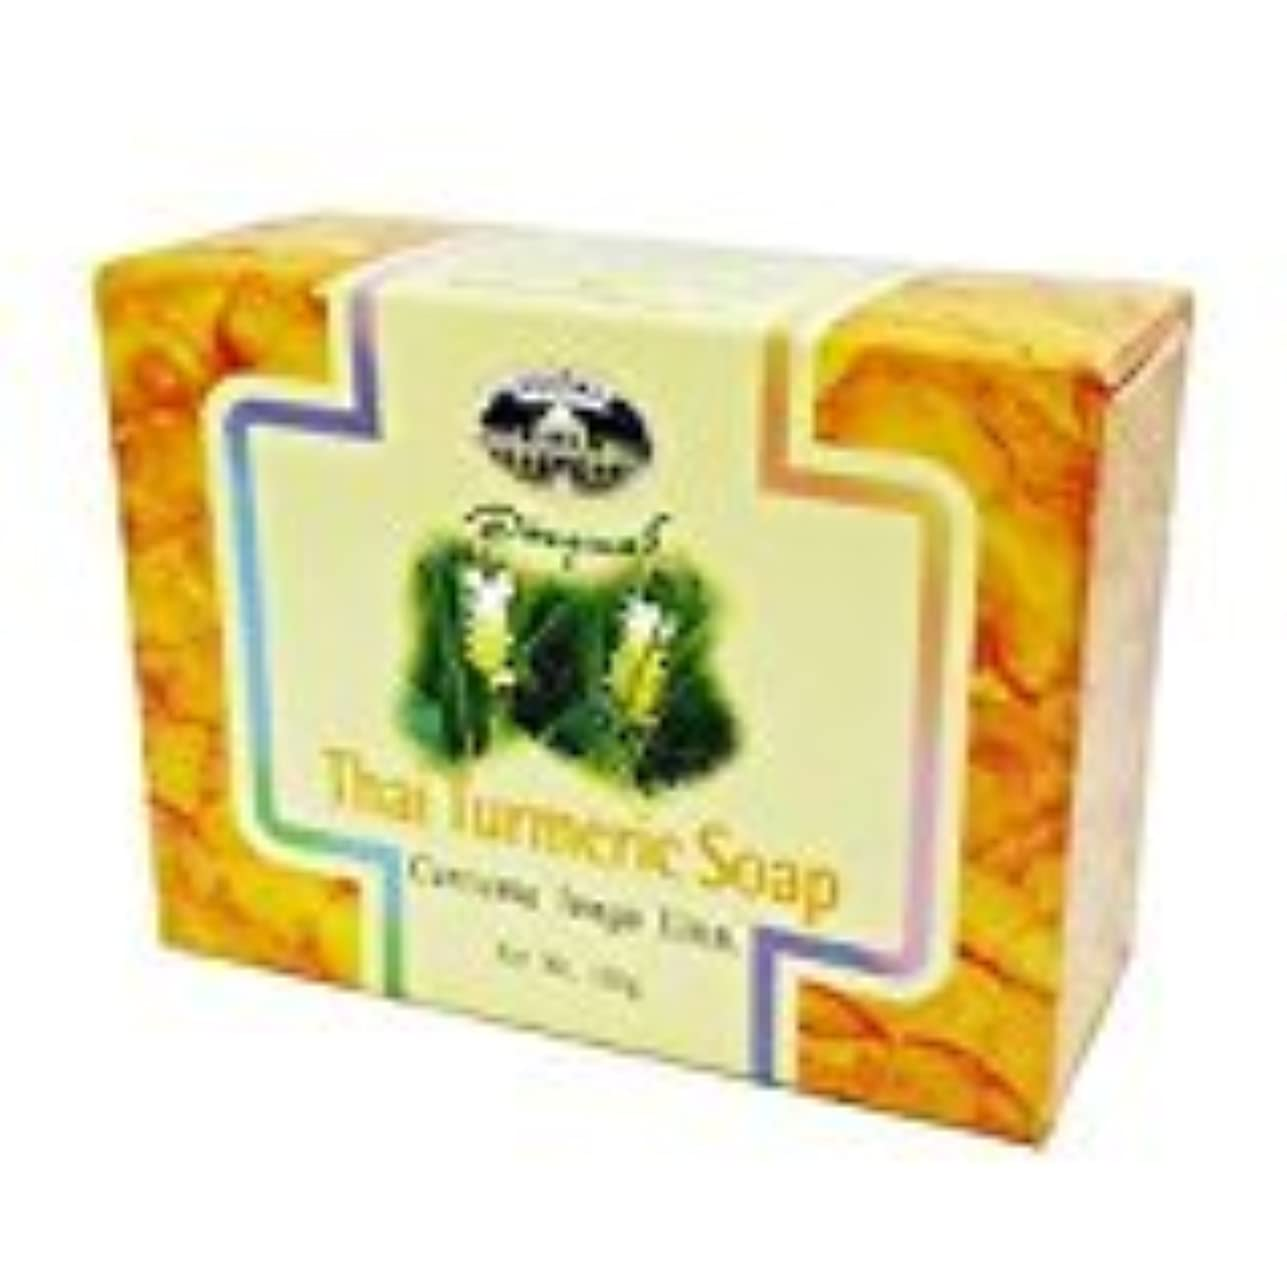 キャンベラ傀儡かまどウコン石けん abhaibhubejhr Turmeric soap 100g